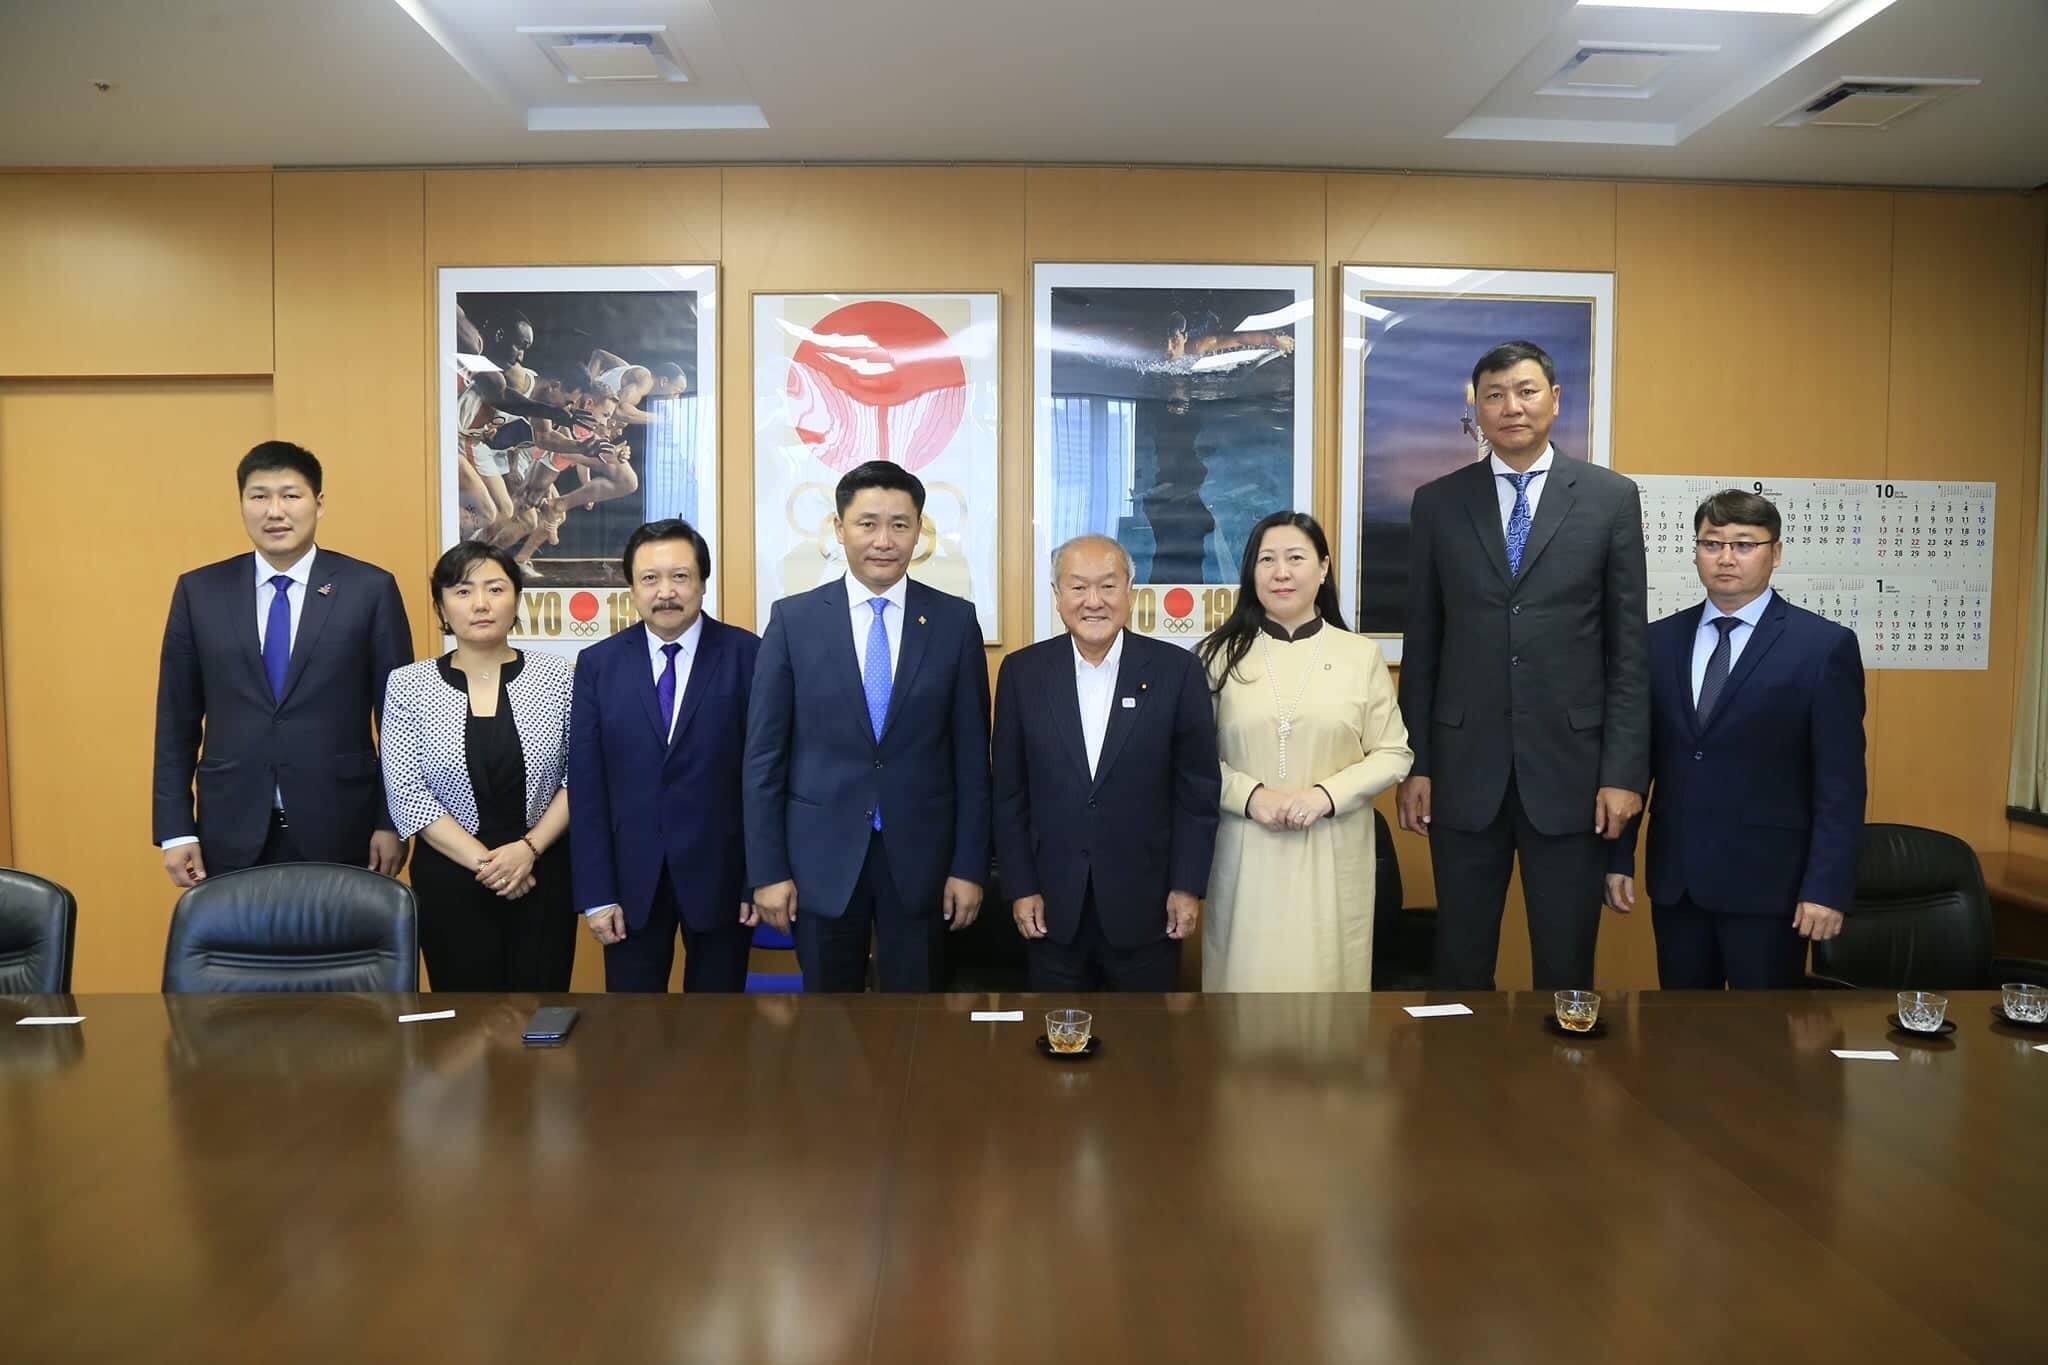 БСШУС-ын сайд Ё.Баатарбилэг Токиогийн олимп, Паралимпын асуудал эрхэлсэн сайдтай уулзлаа